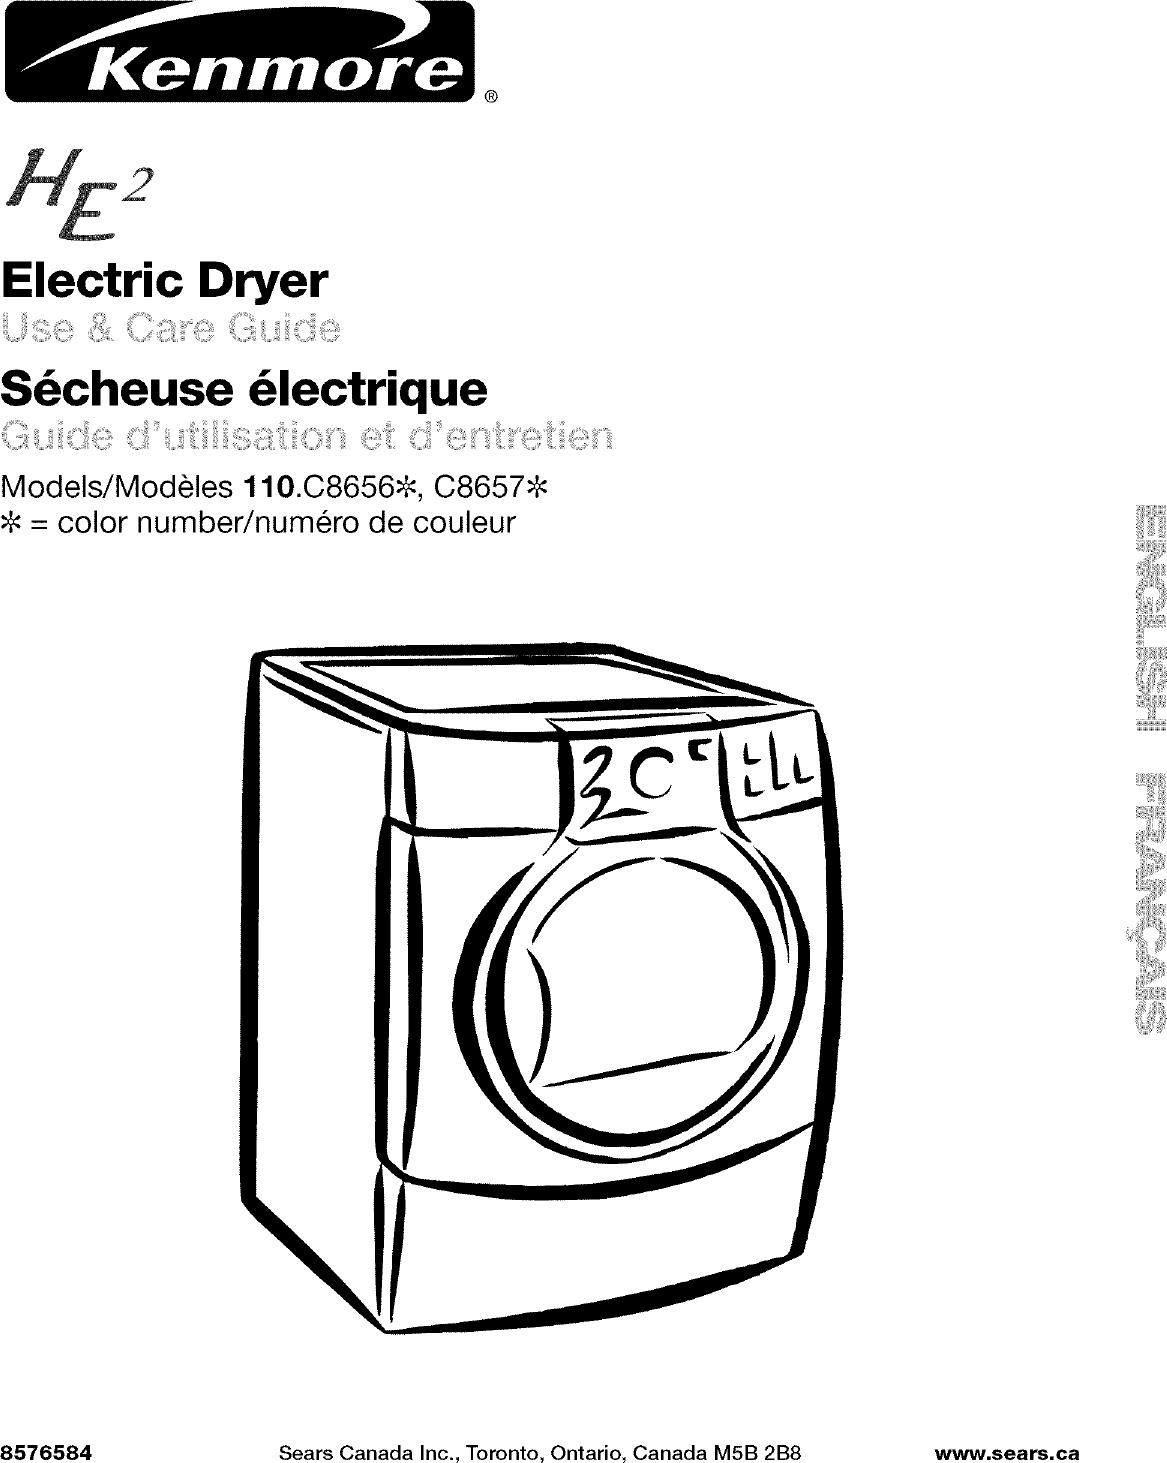 KENMORE Residential Dryer Manual L0512073